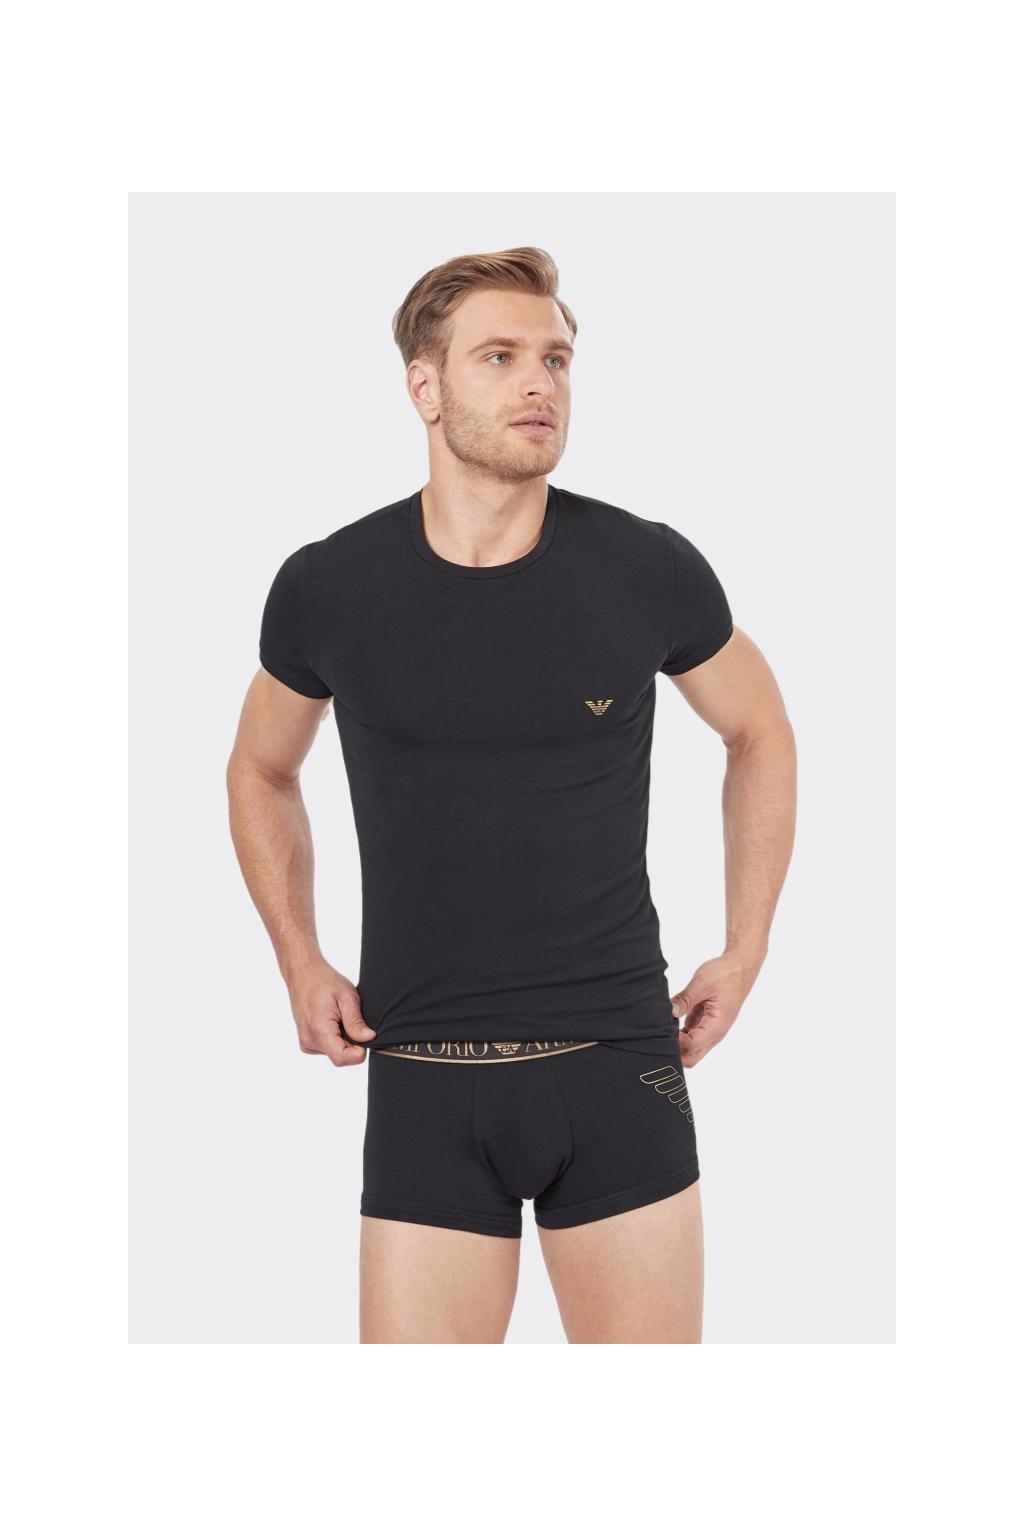 Emporio Armani dárkové balení tričko + boxerky - černá